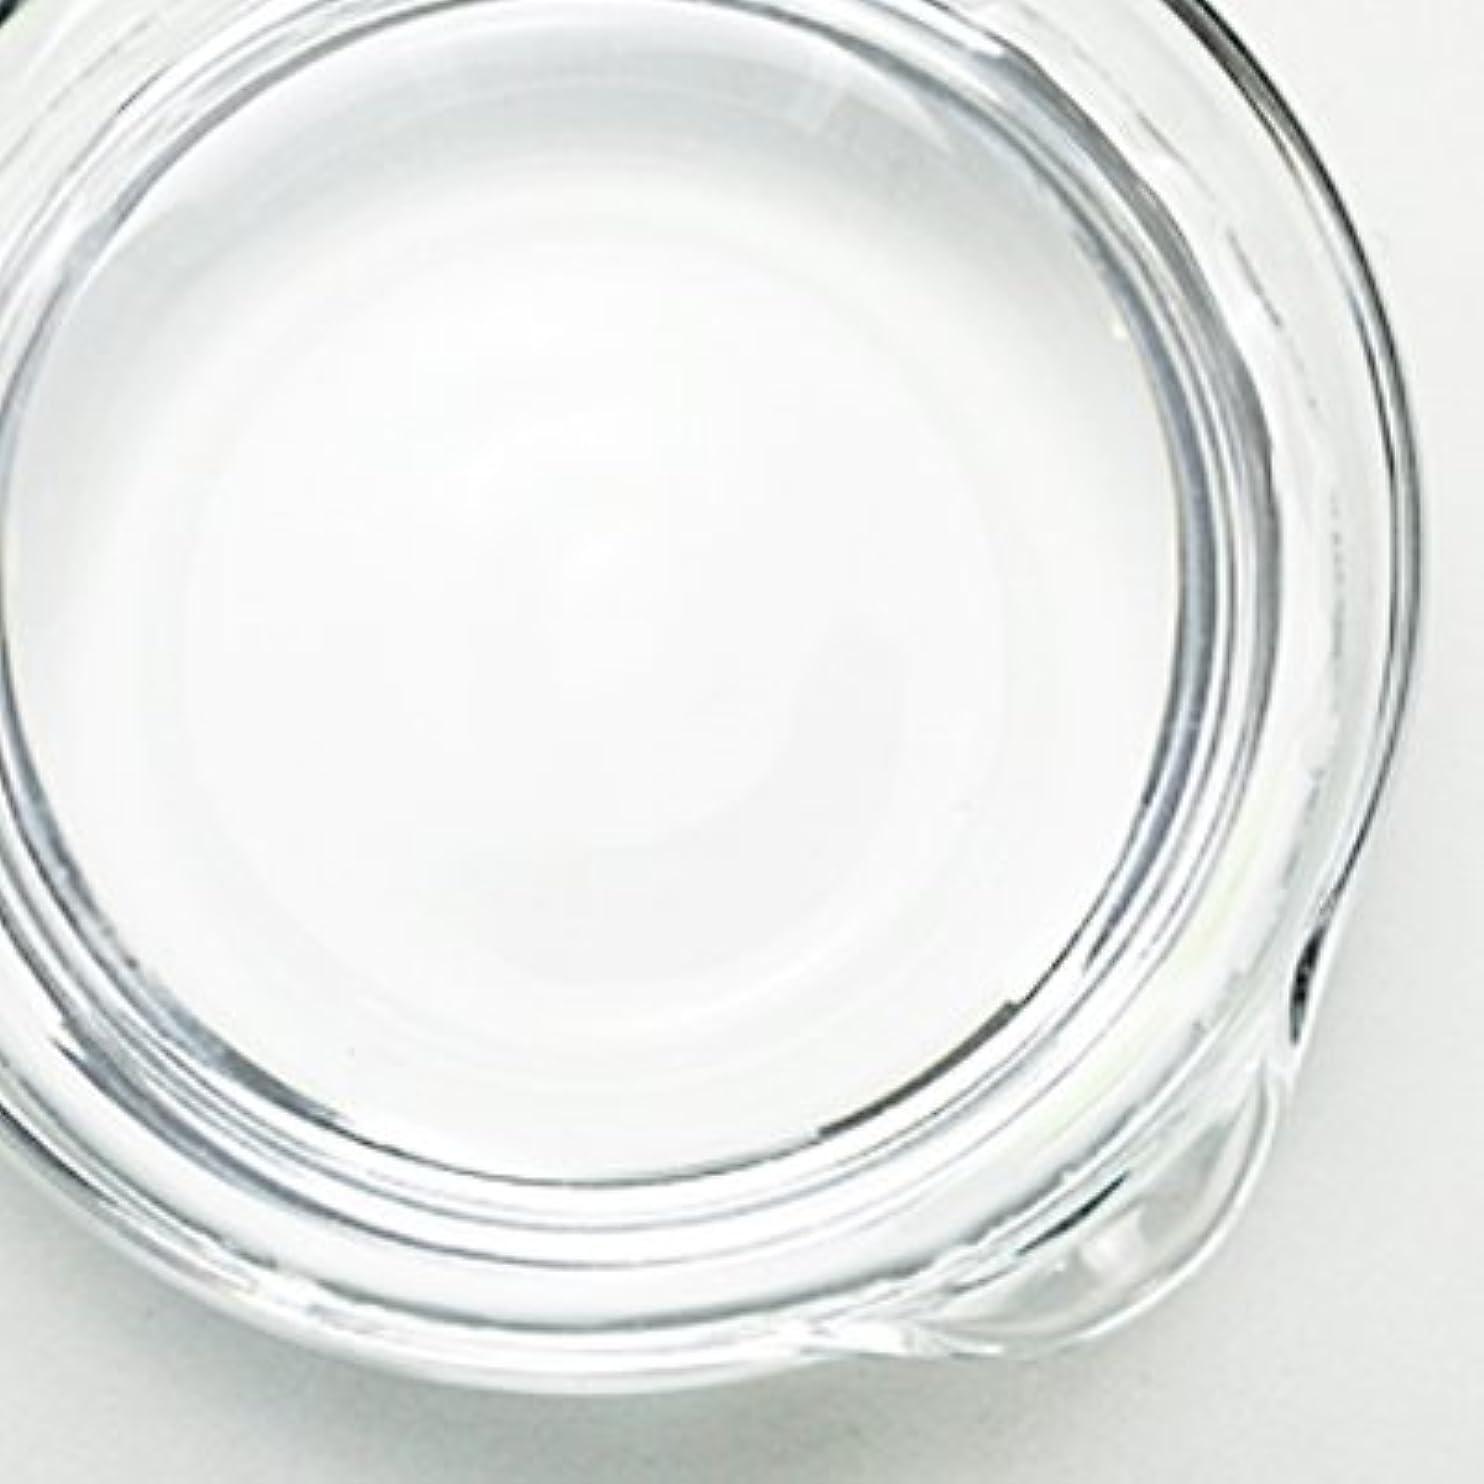 仮称麻酔薬投資1,3-ブチレングリコール[BG] 250ml 【手作り石鹸/手作りコスメ】